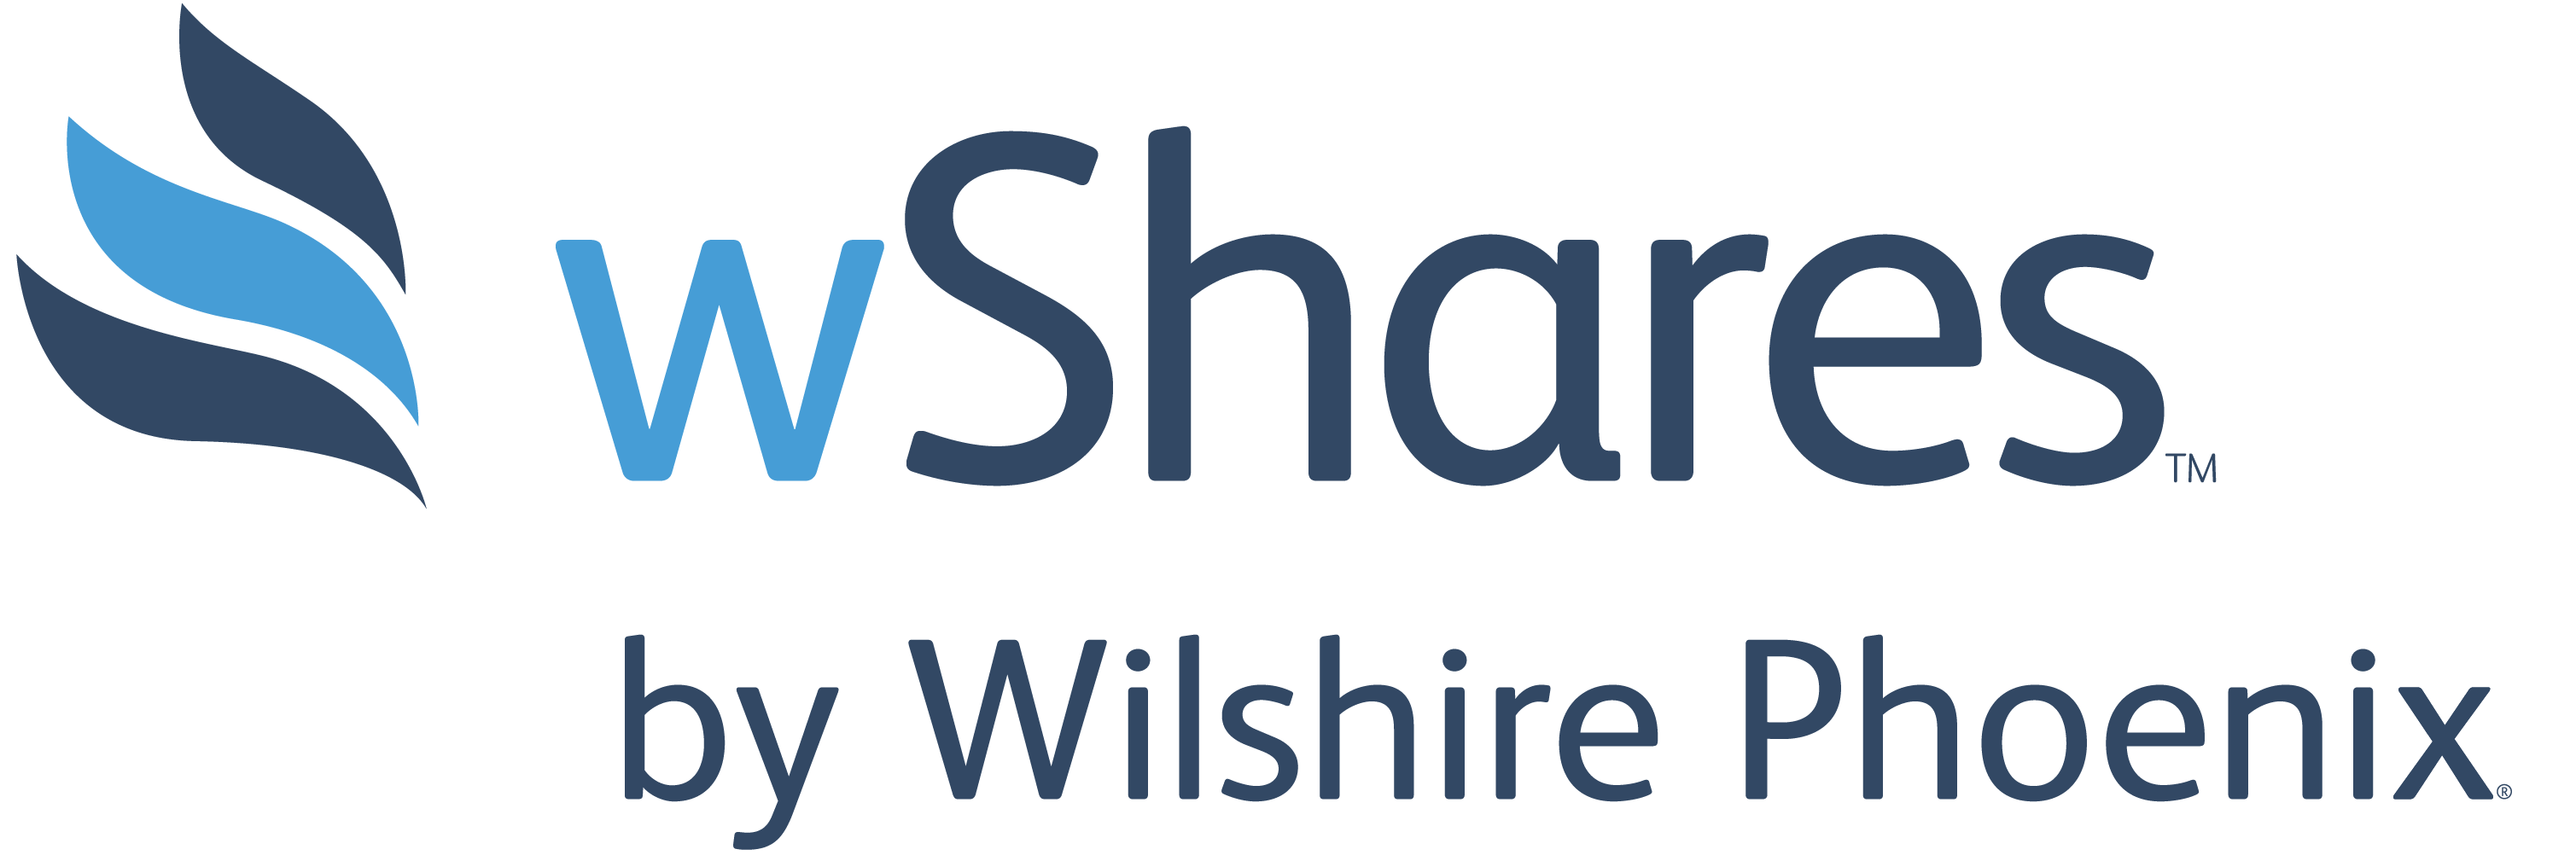 wShares